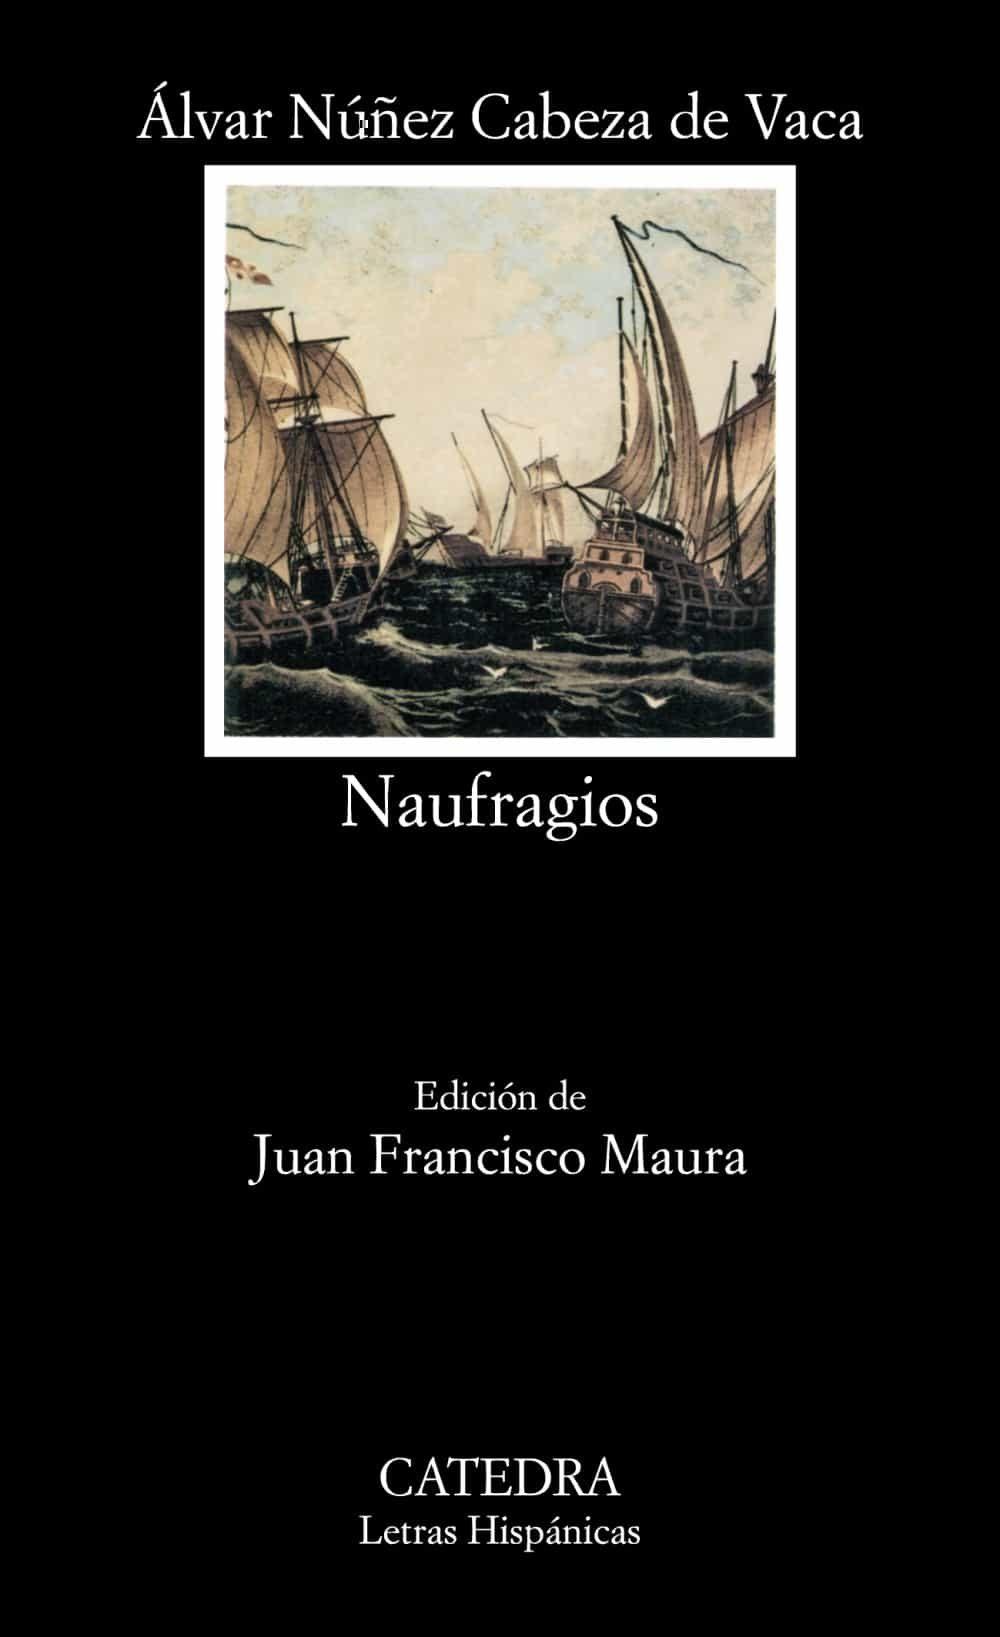 Naufragios, de Alvar Núñez Cabeza de Vaca. Libros de viajes.